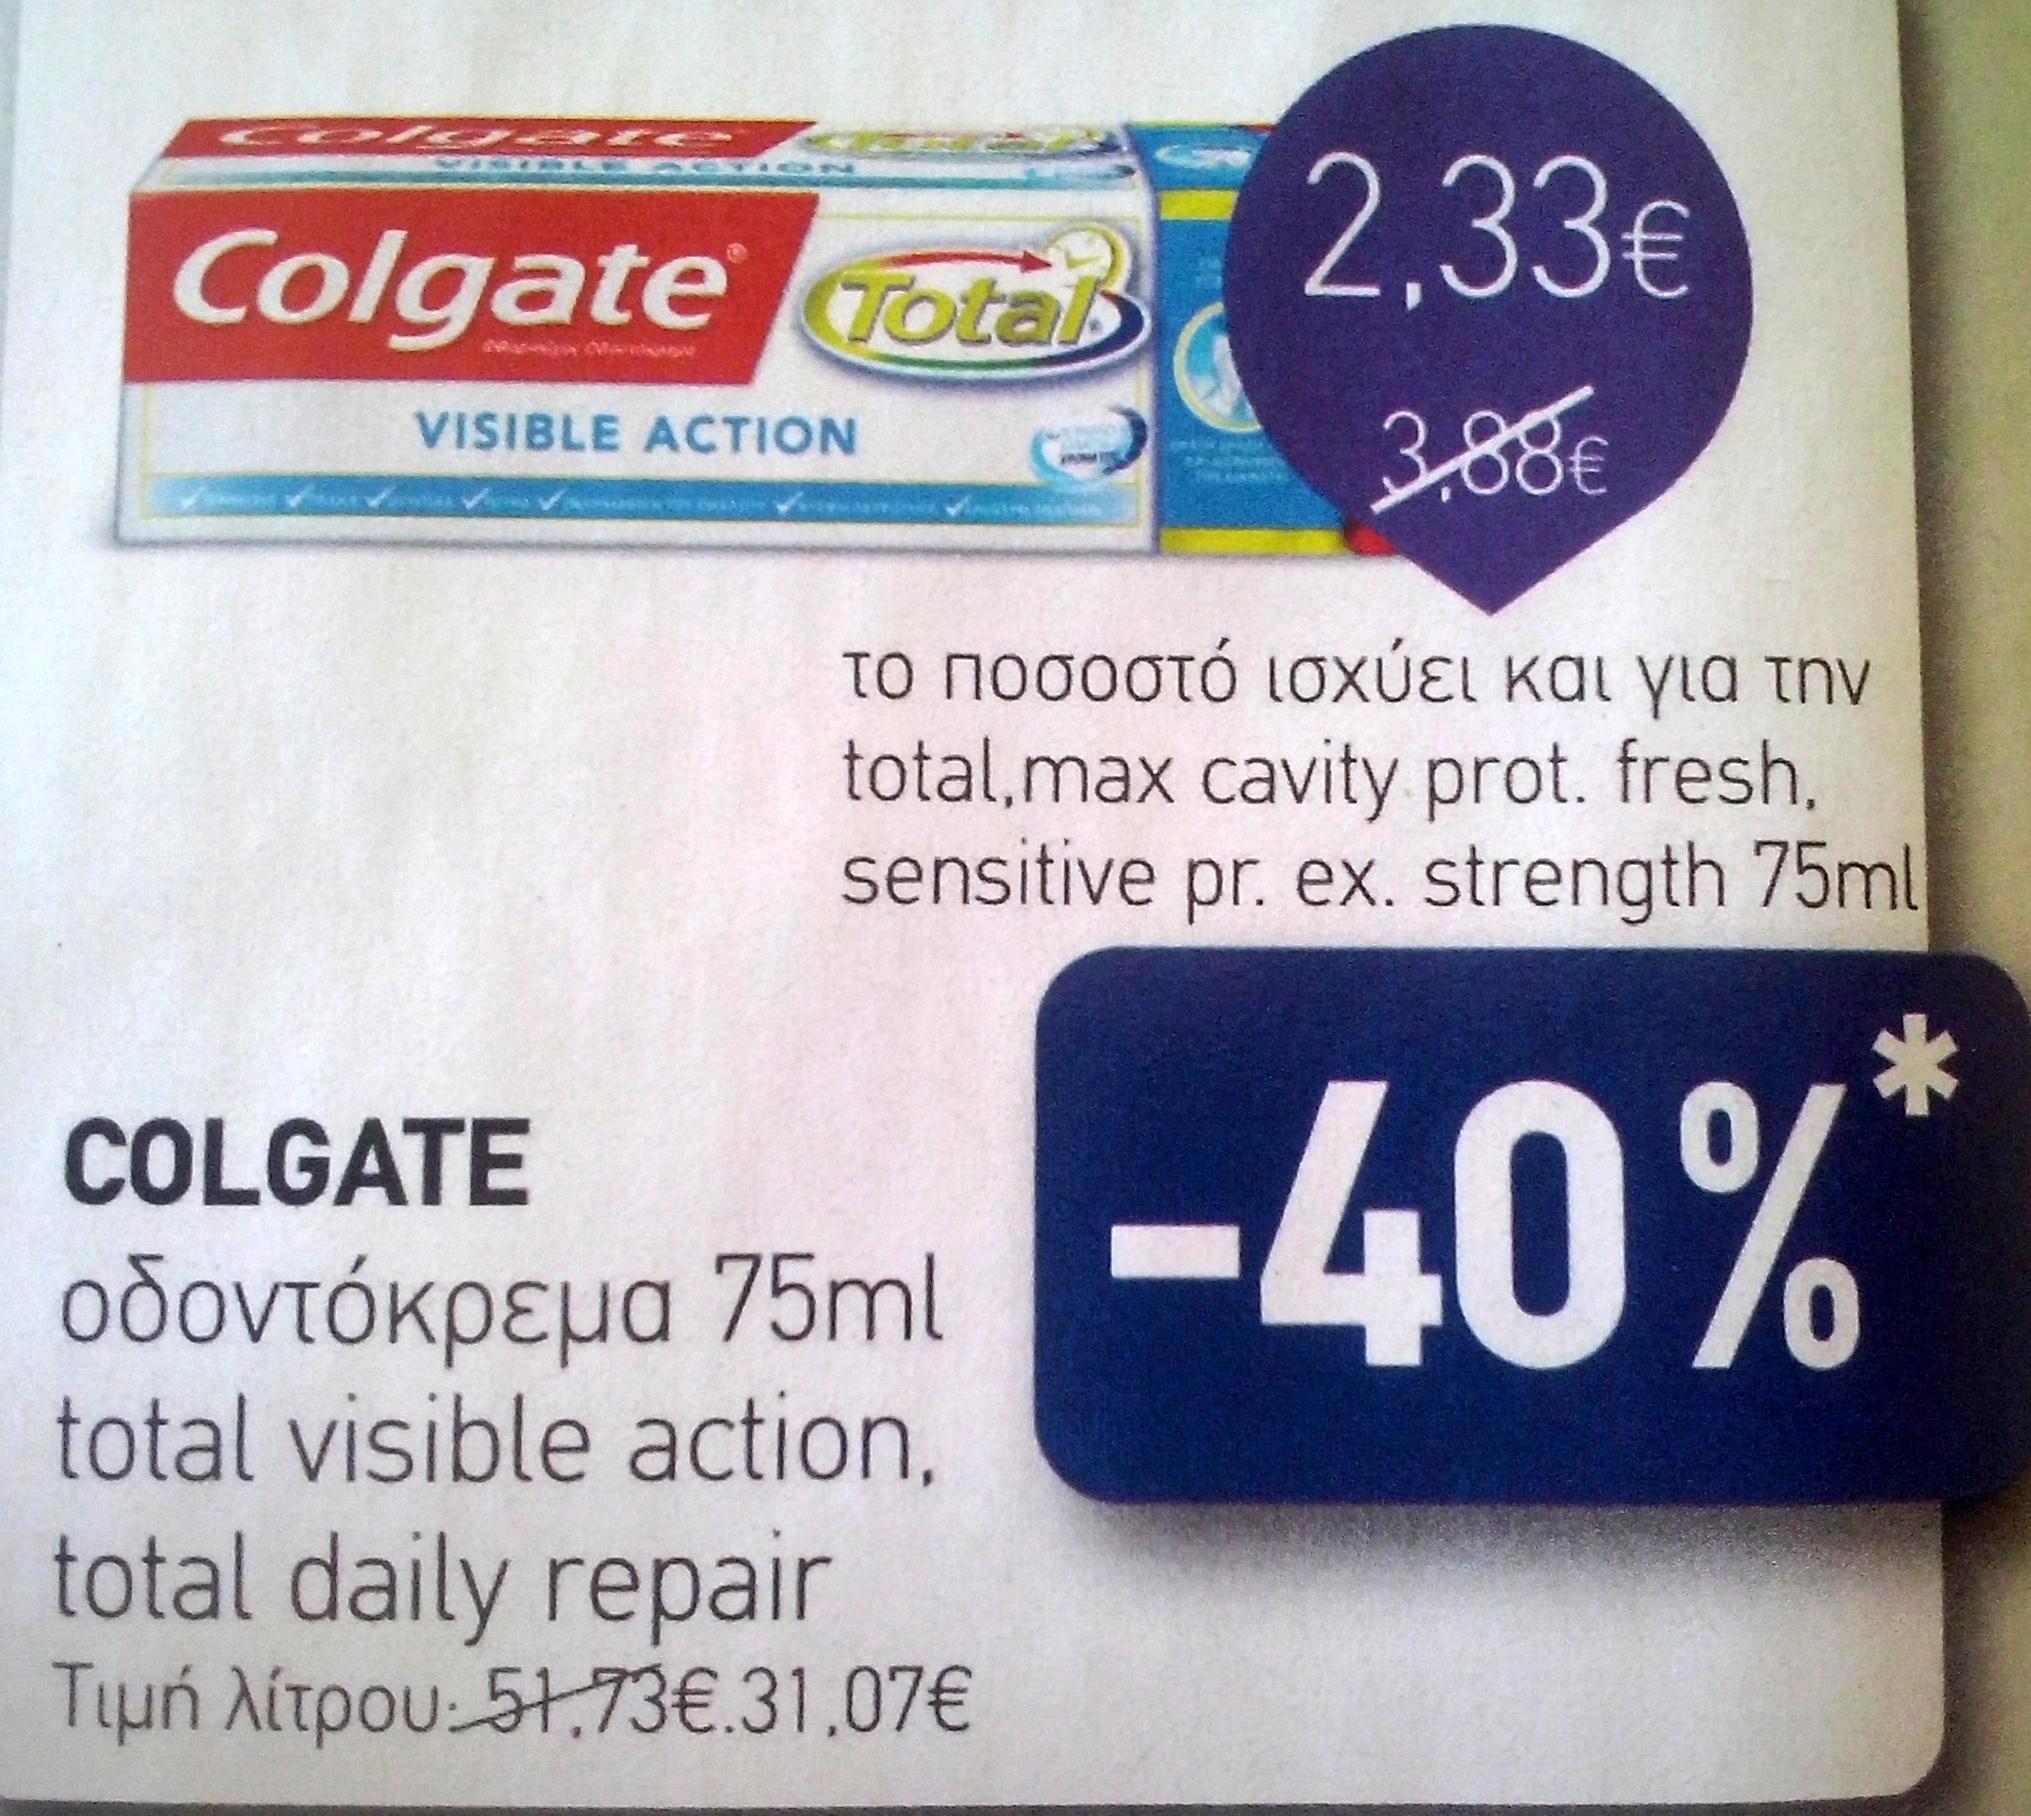 INKA offer Colgate